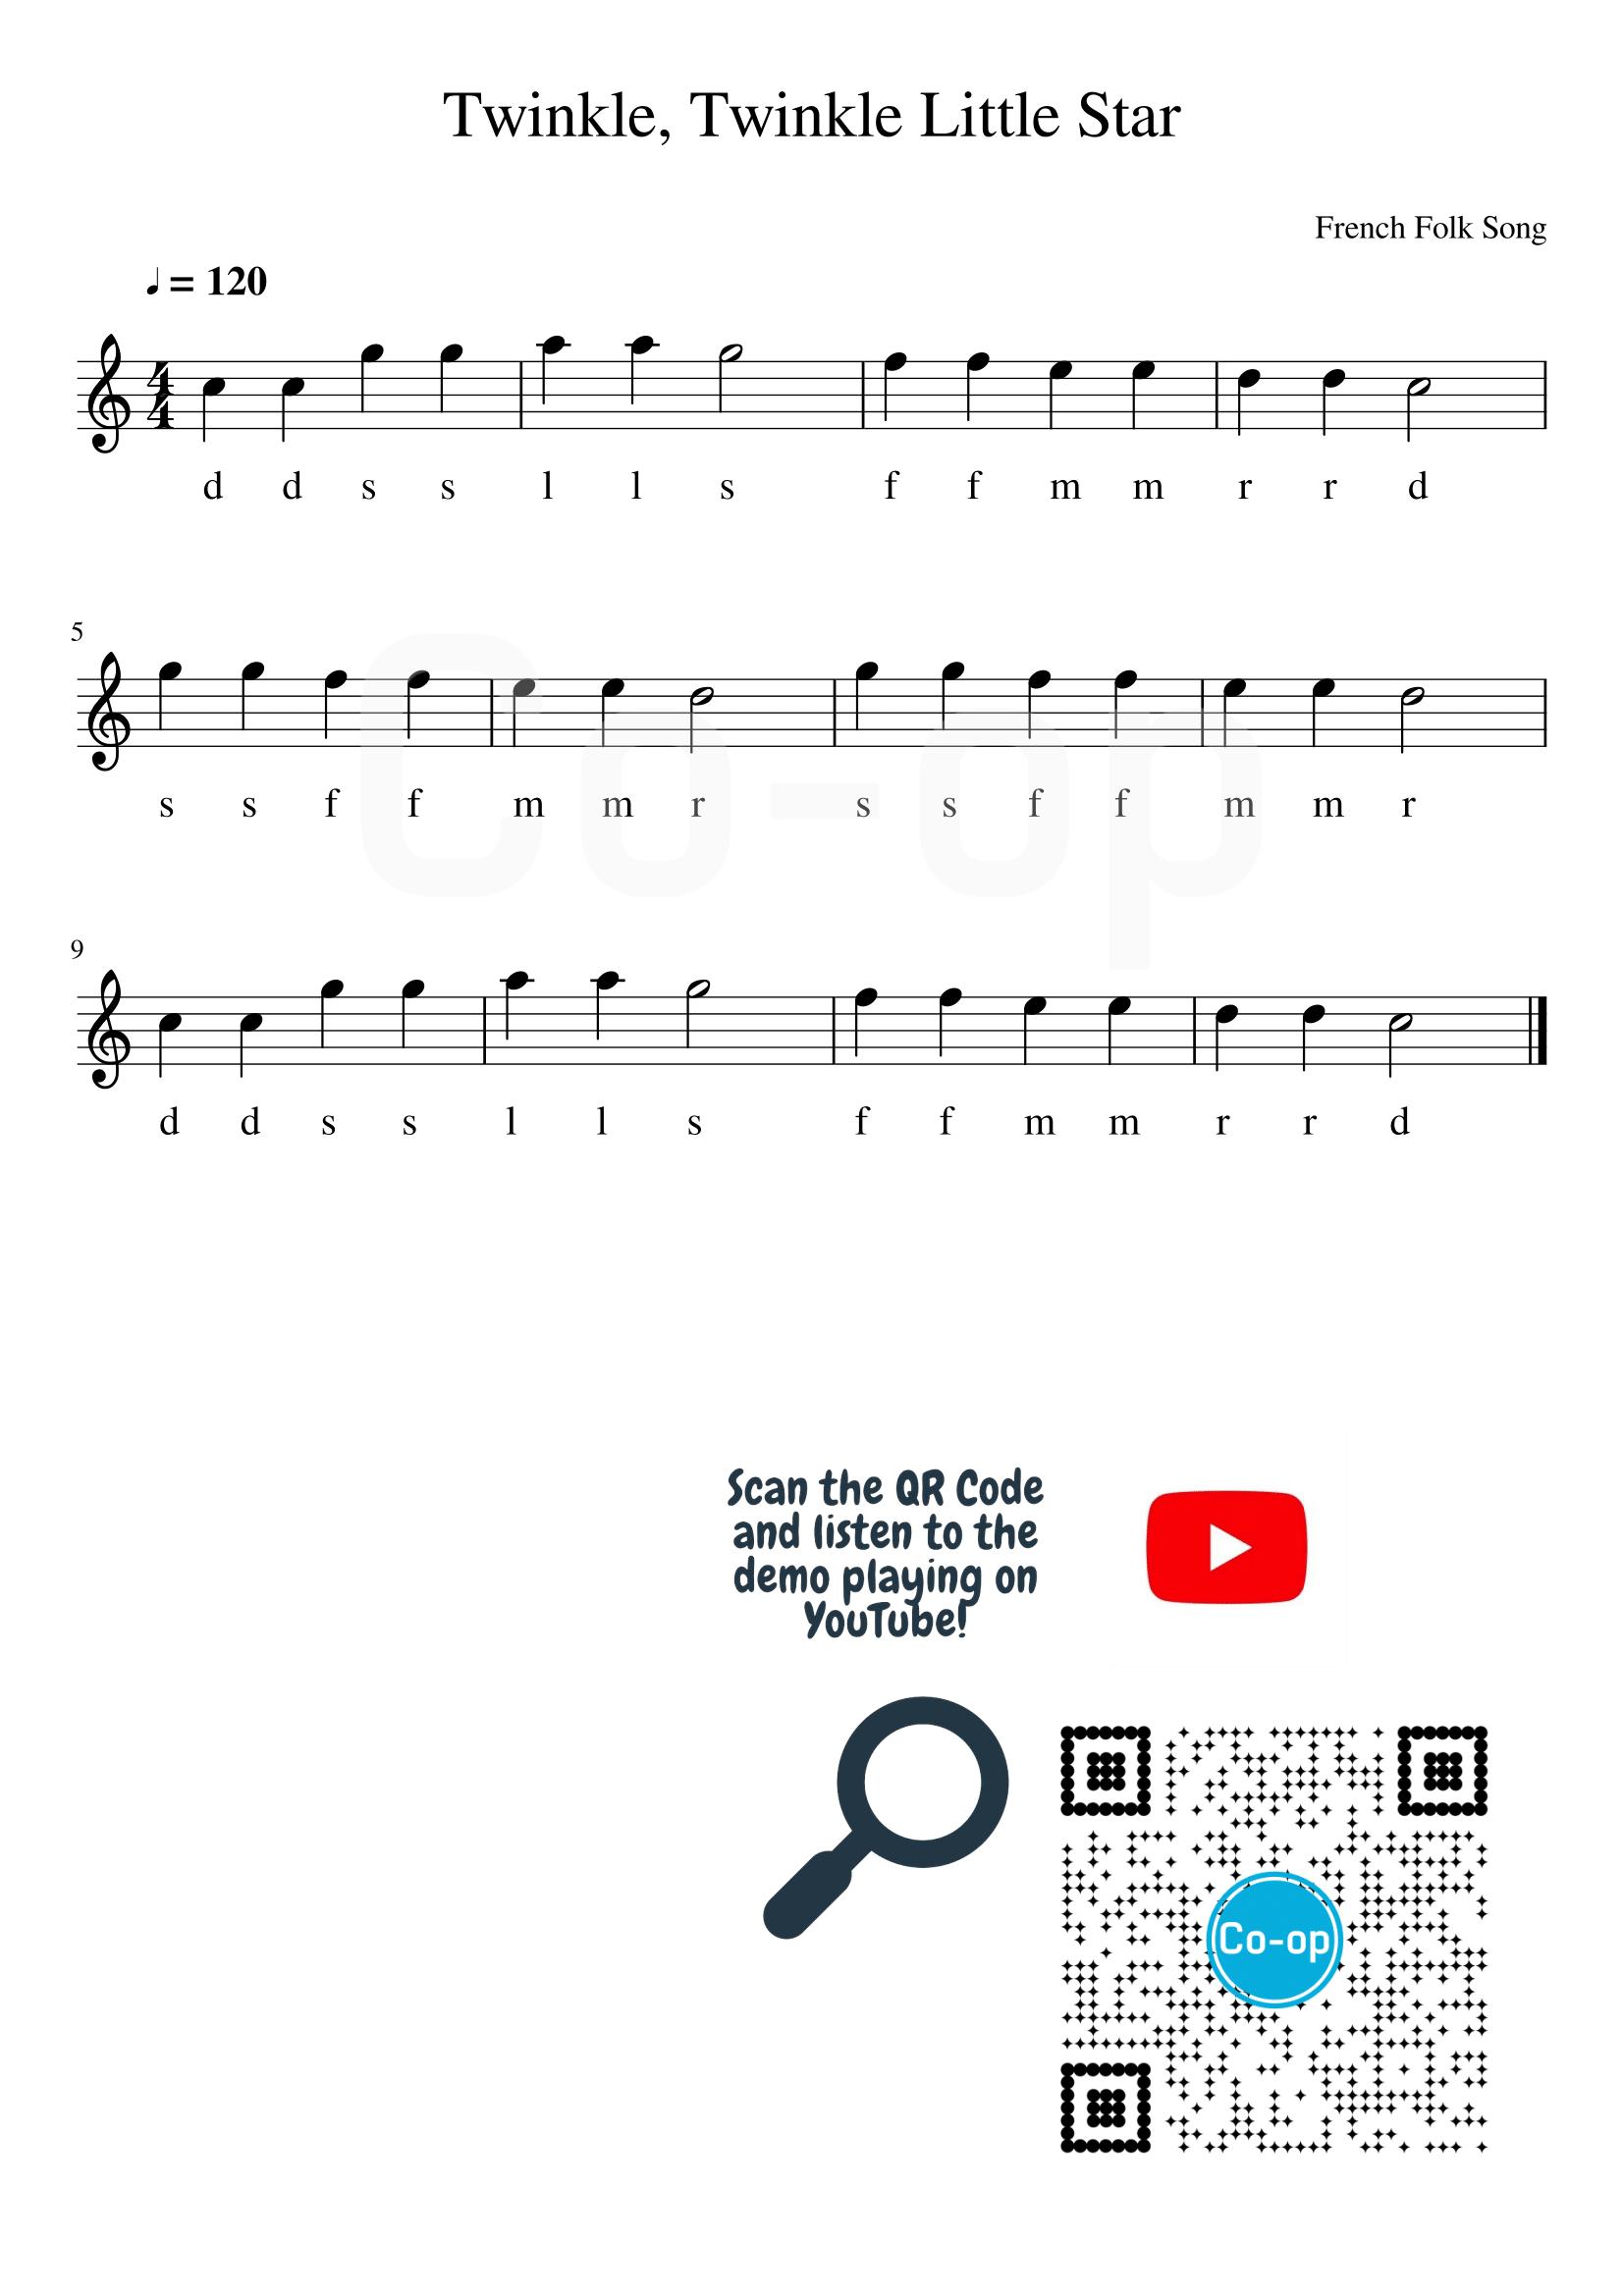 Twinkle Twinkle Little Star | Solfege Notation | Free Sheet Music